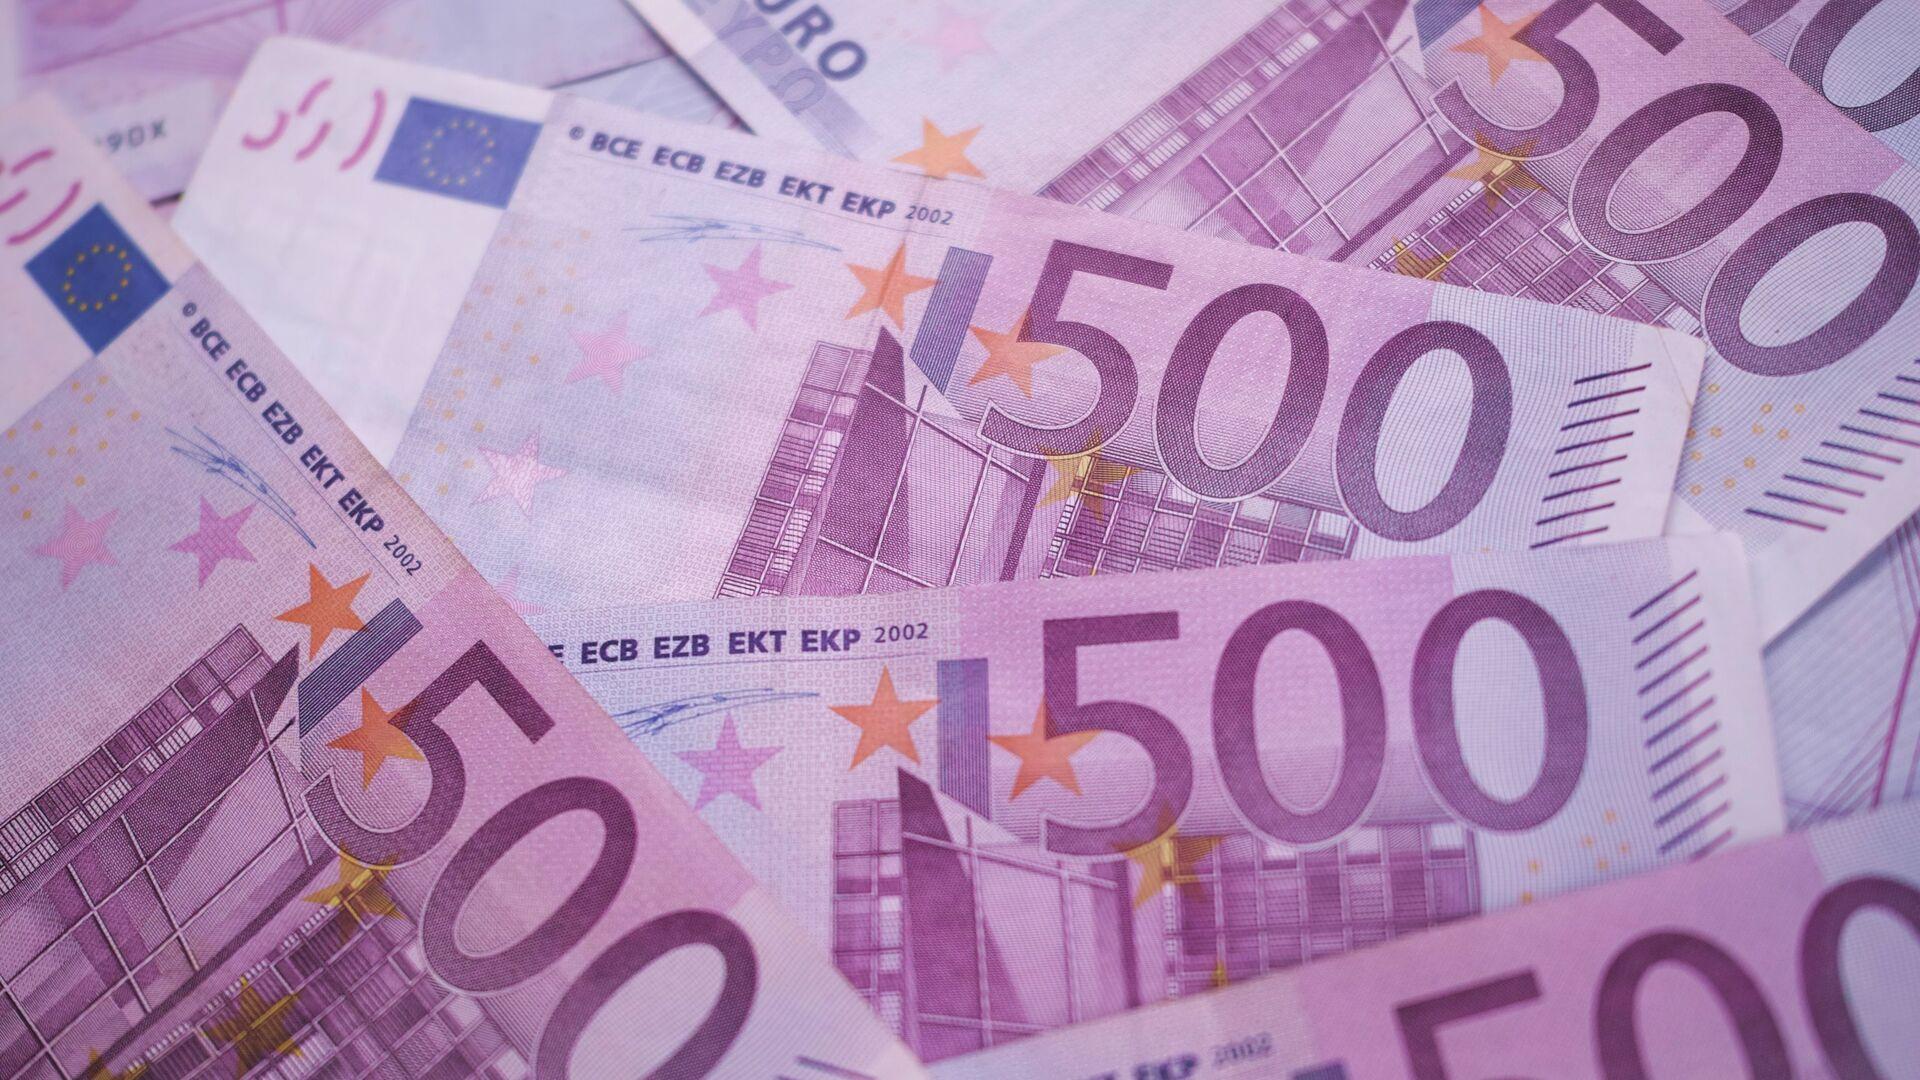 Des billets de 500 euros - Sputnik France, 1920, 06.09.2021